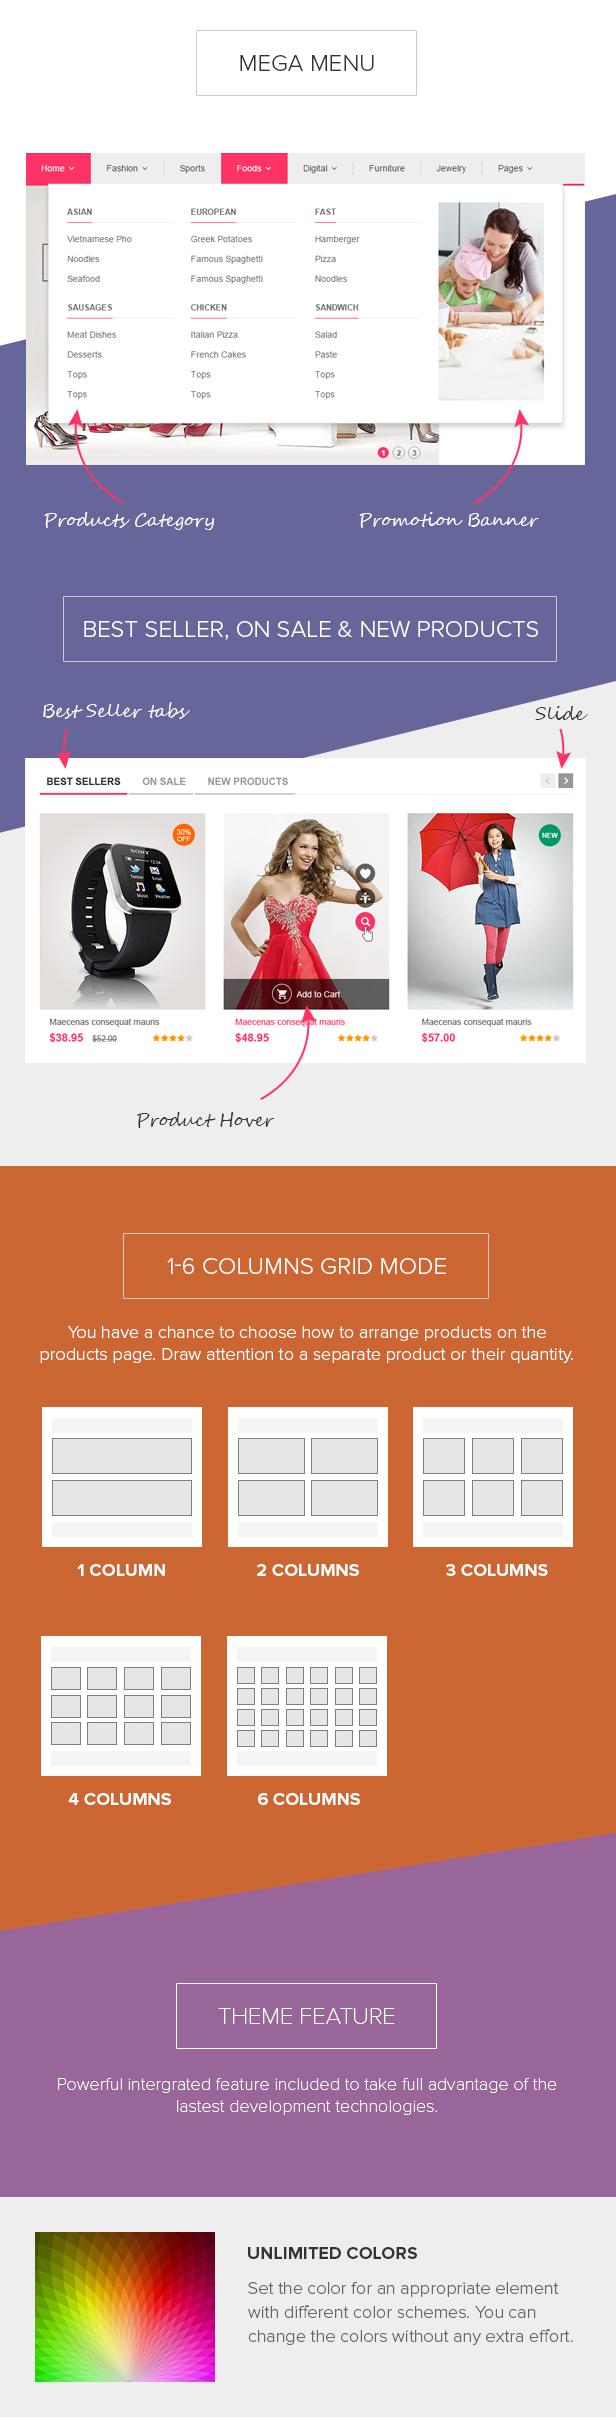 des kute 06 - KuteShop - Fashion, Electronics & Marketplace Elementor WooCommerce Theme (RTL Supported)